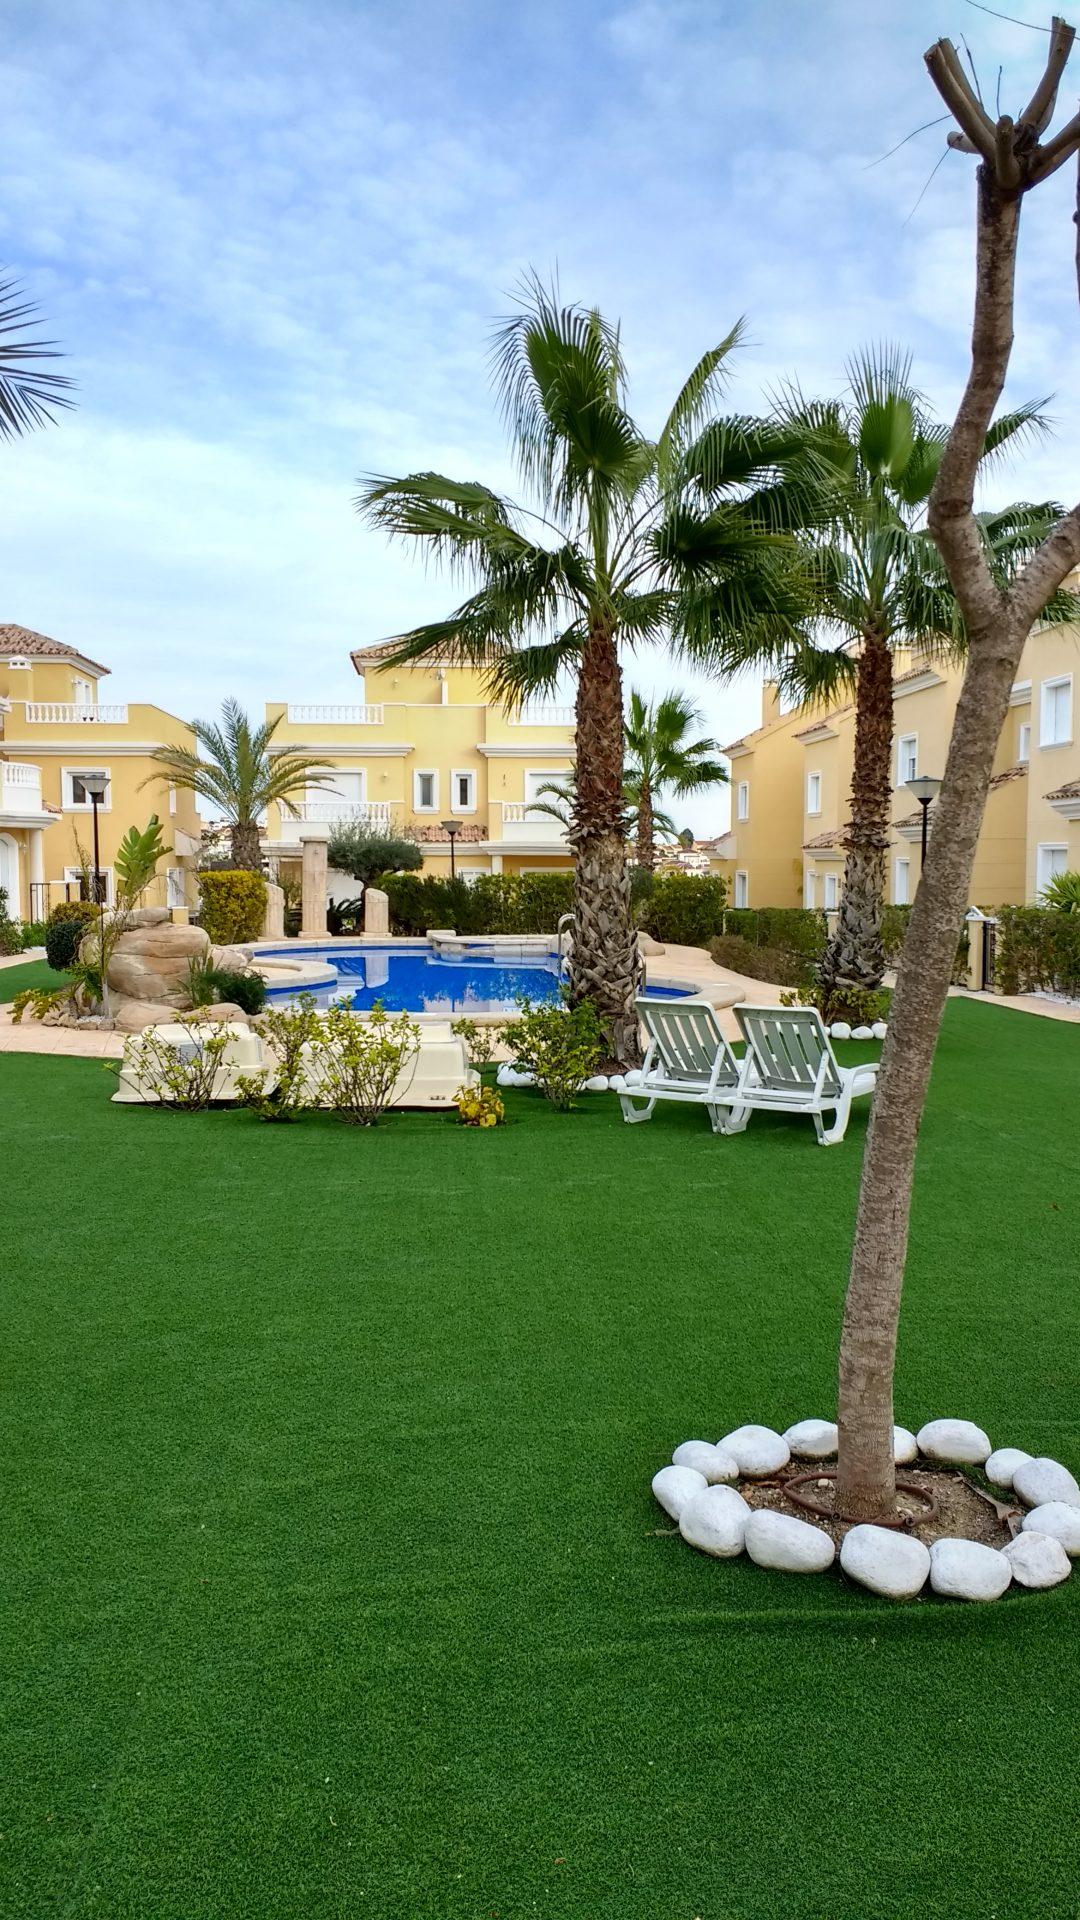 Villasol palmboom aan zwembad